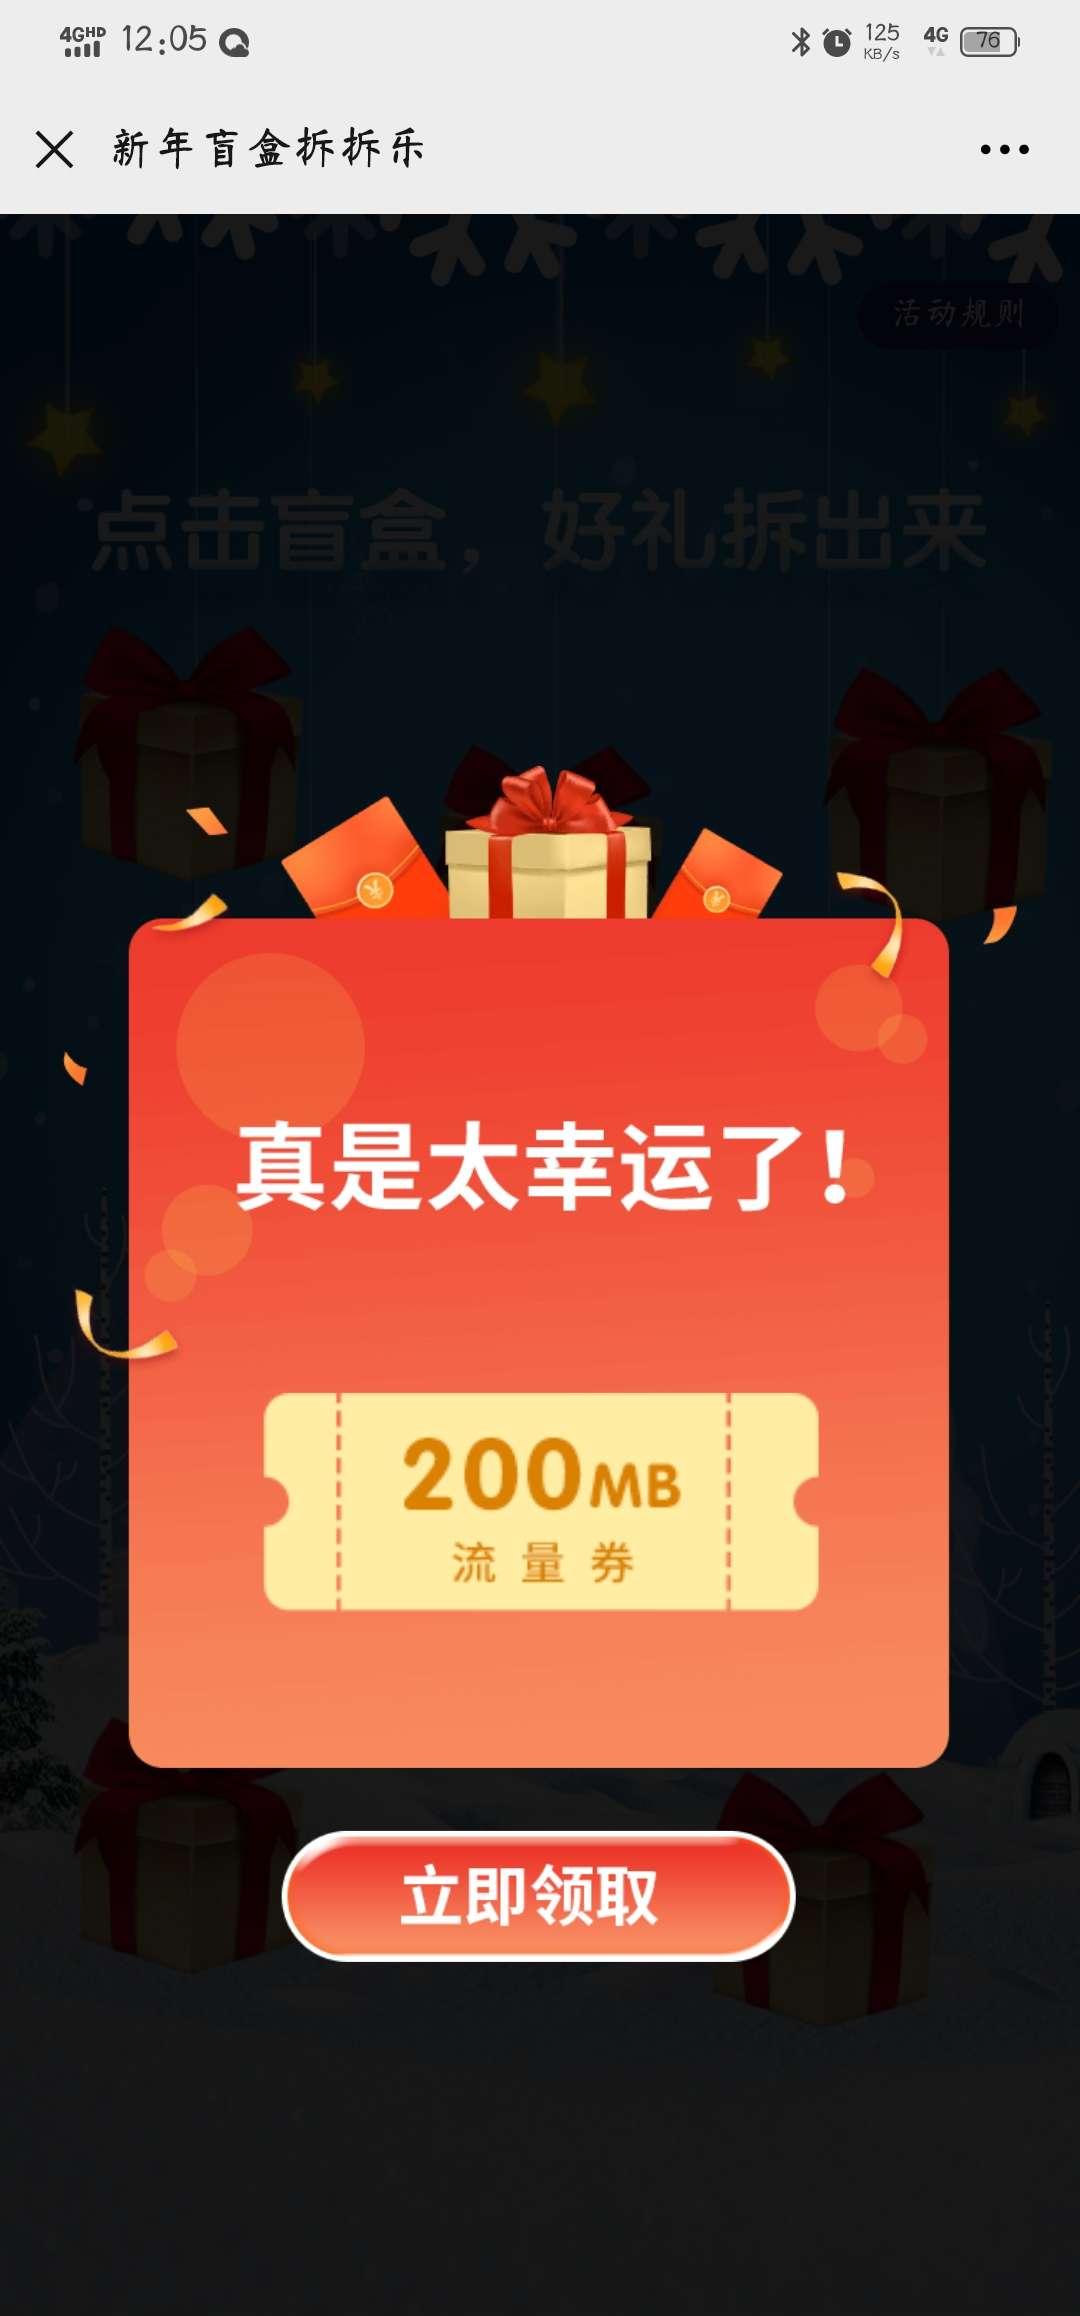 中国移动流量200m~6G     最低200M秒到!!